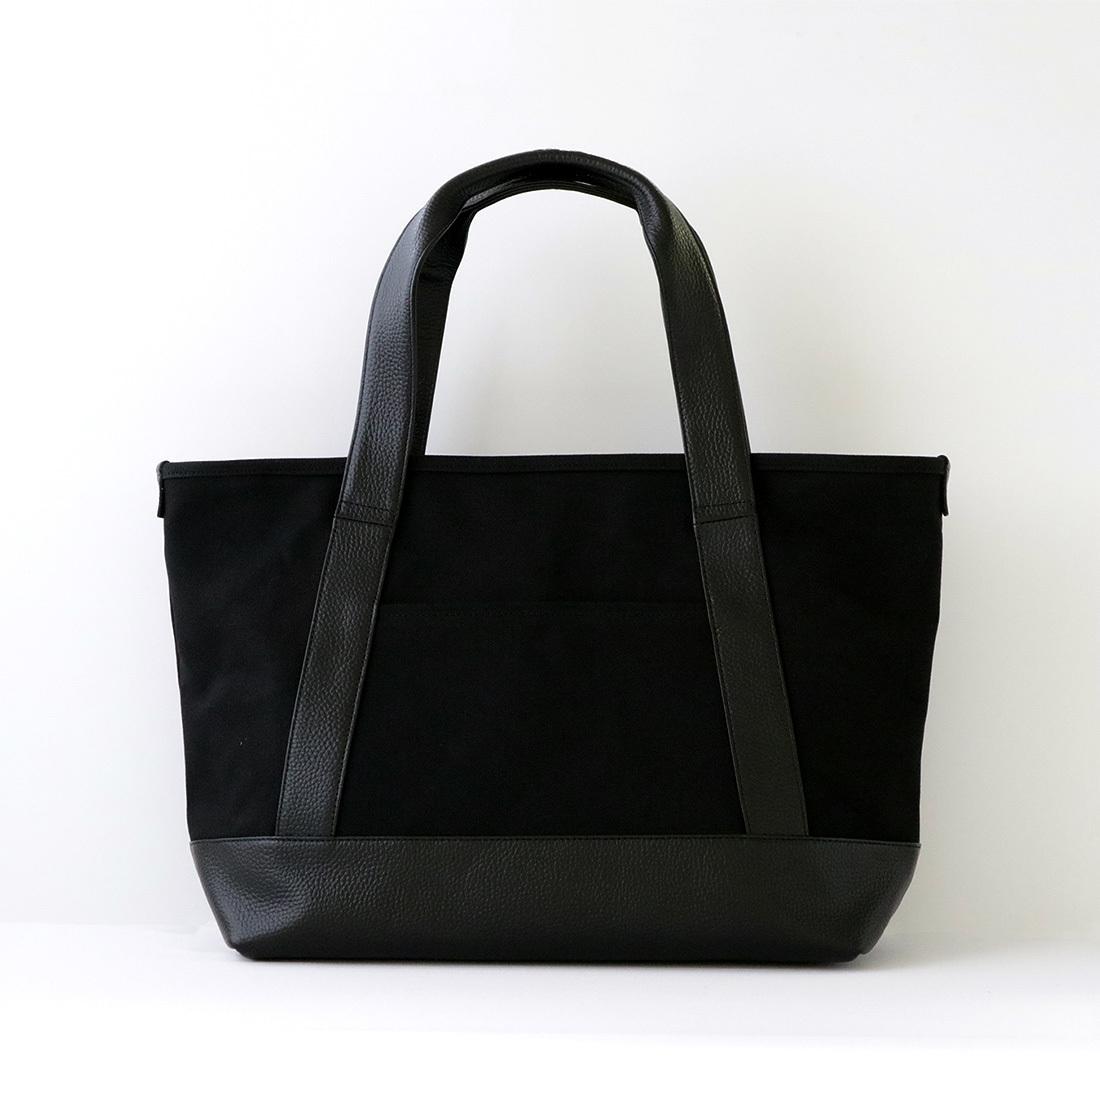 【最大2,000円OFFクーポン】【MOHEIM】 TOTE BAG (Mサイズ / ブラック) トートバッグ カバン 鞄 バッグ 手提げ 帆布 ユニセックス